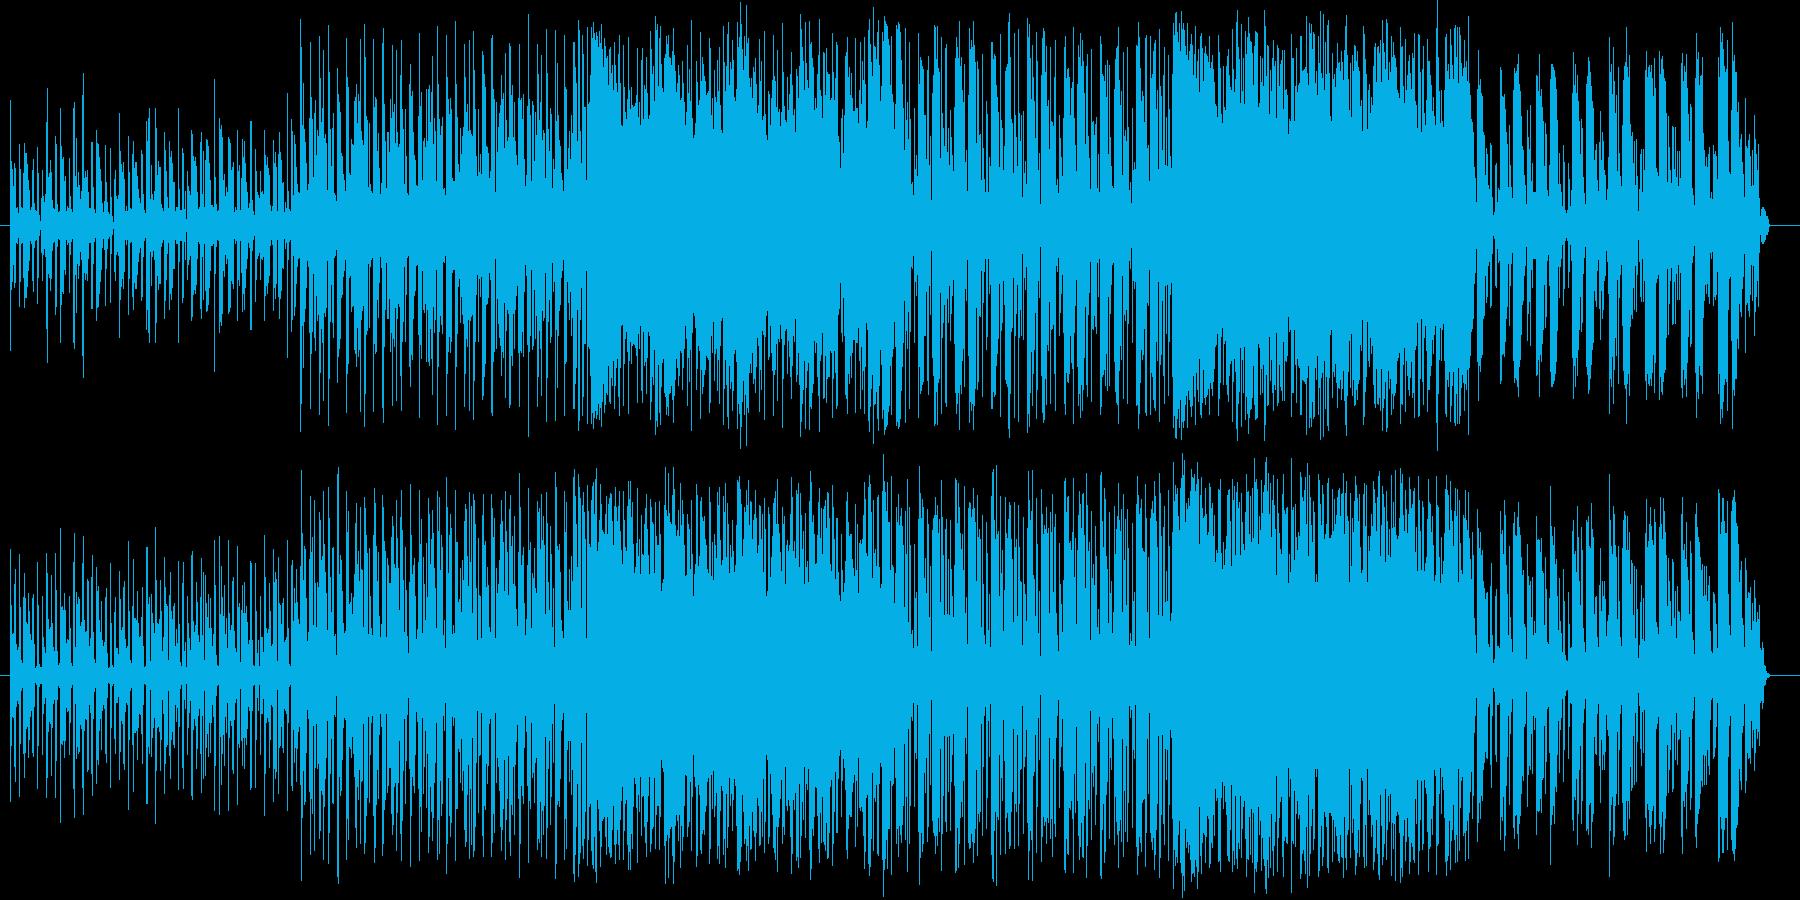 緊張、躍動、ドキュメント、スリル、追跡の再生済みの波形